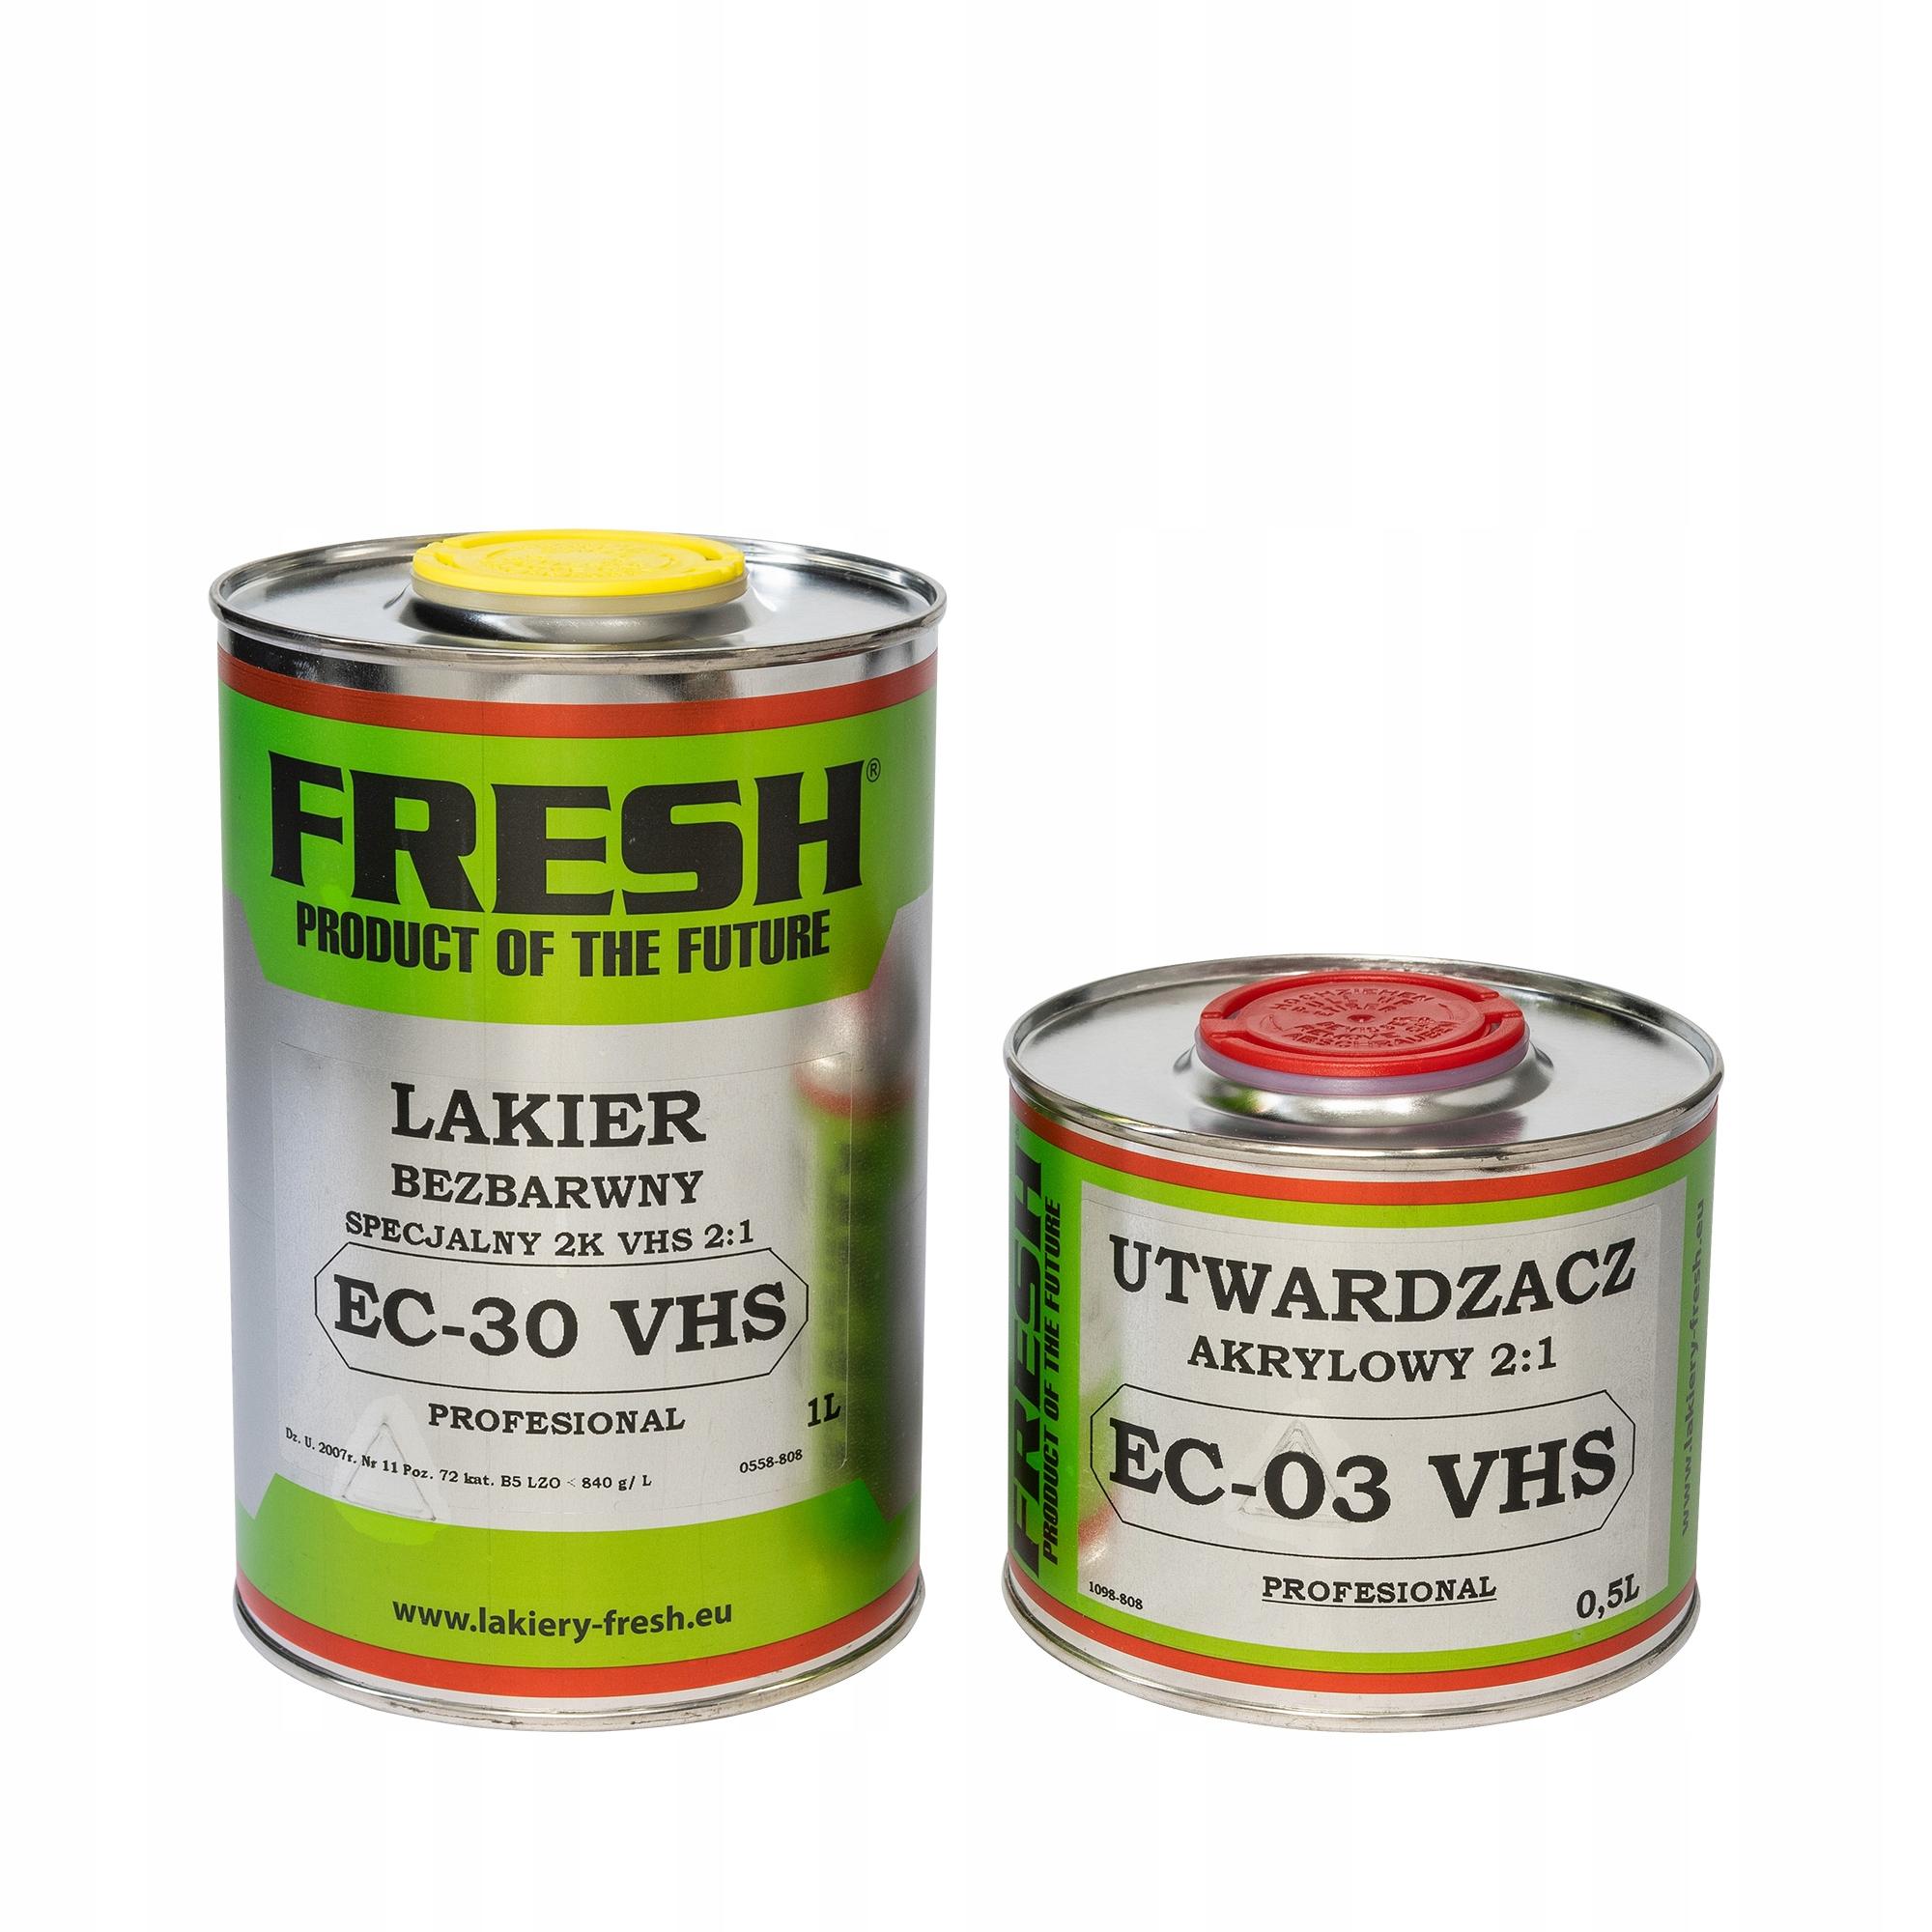 FRESH Четкое пальто EC-30 VHS 1'0.5 profESIONAL